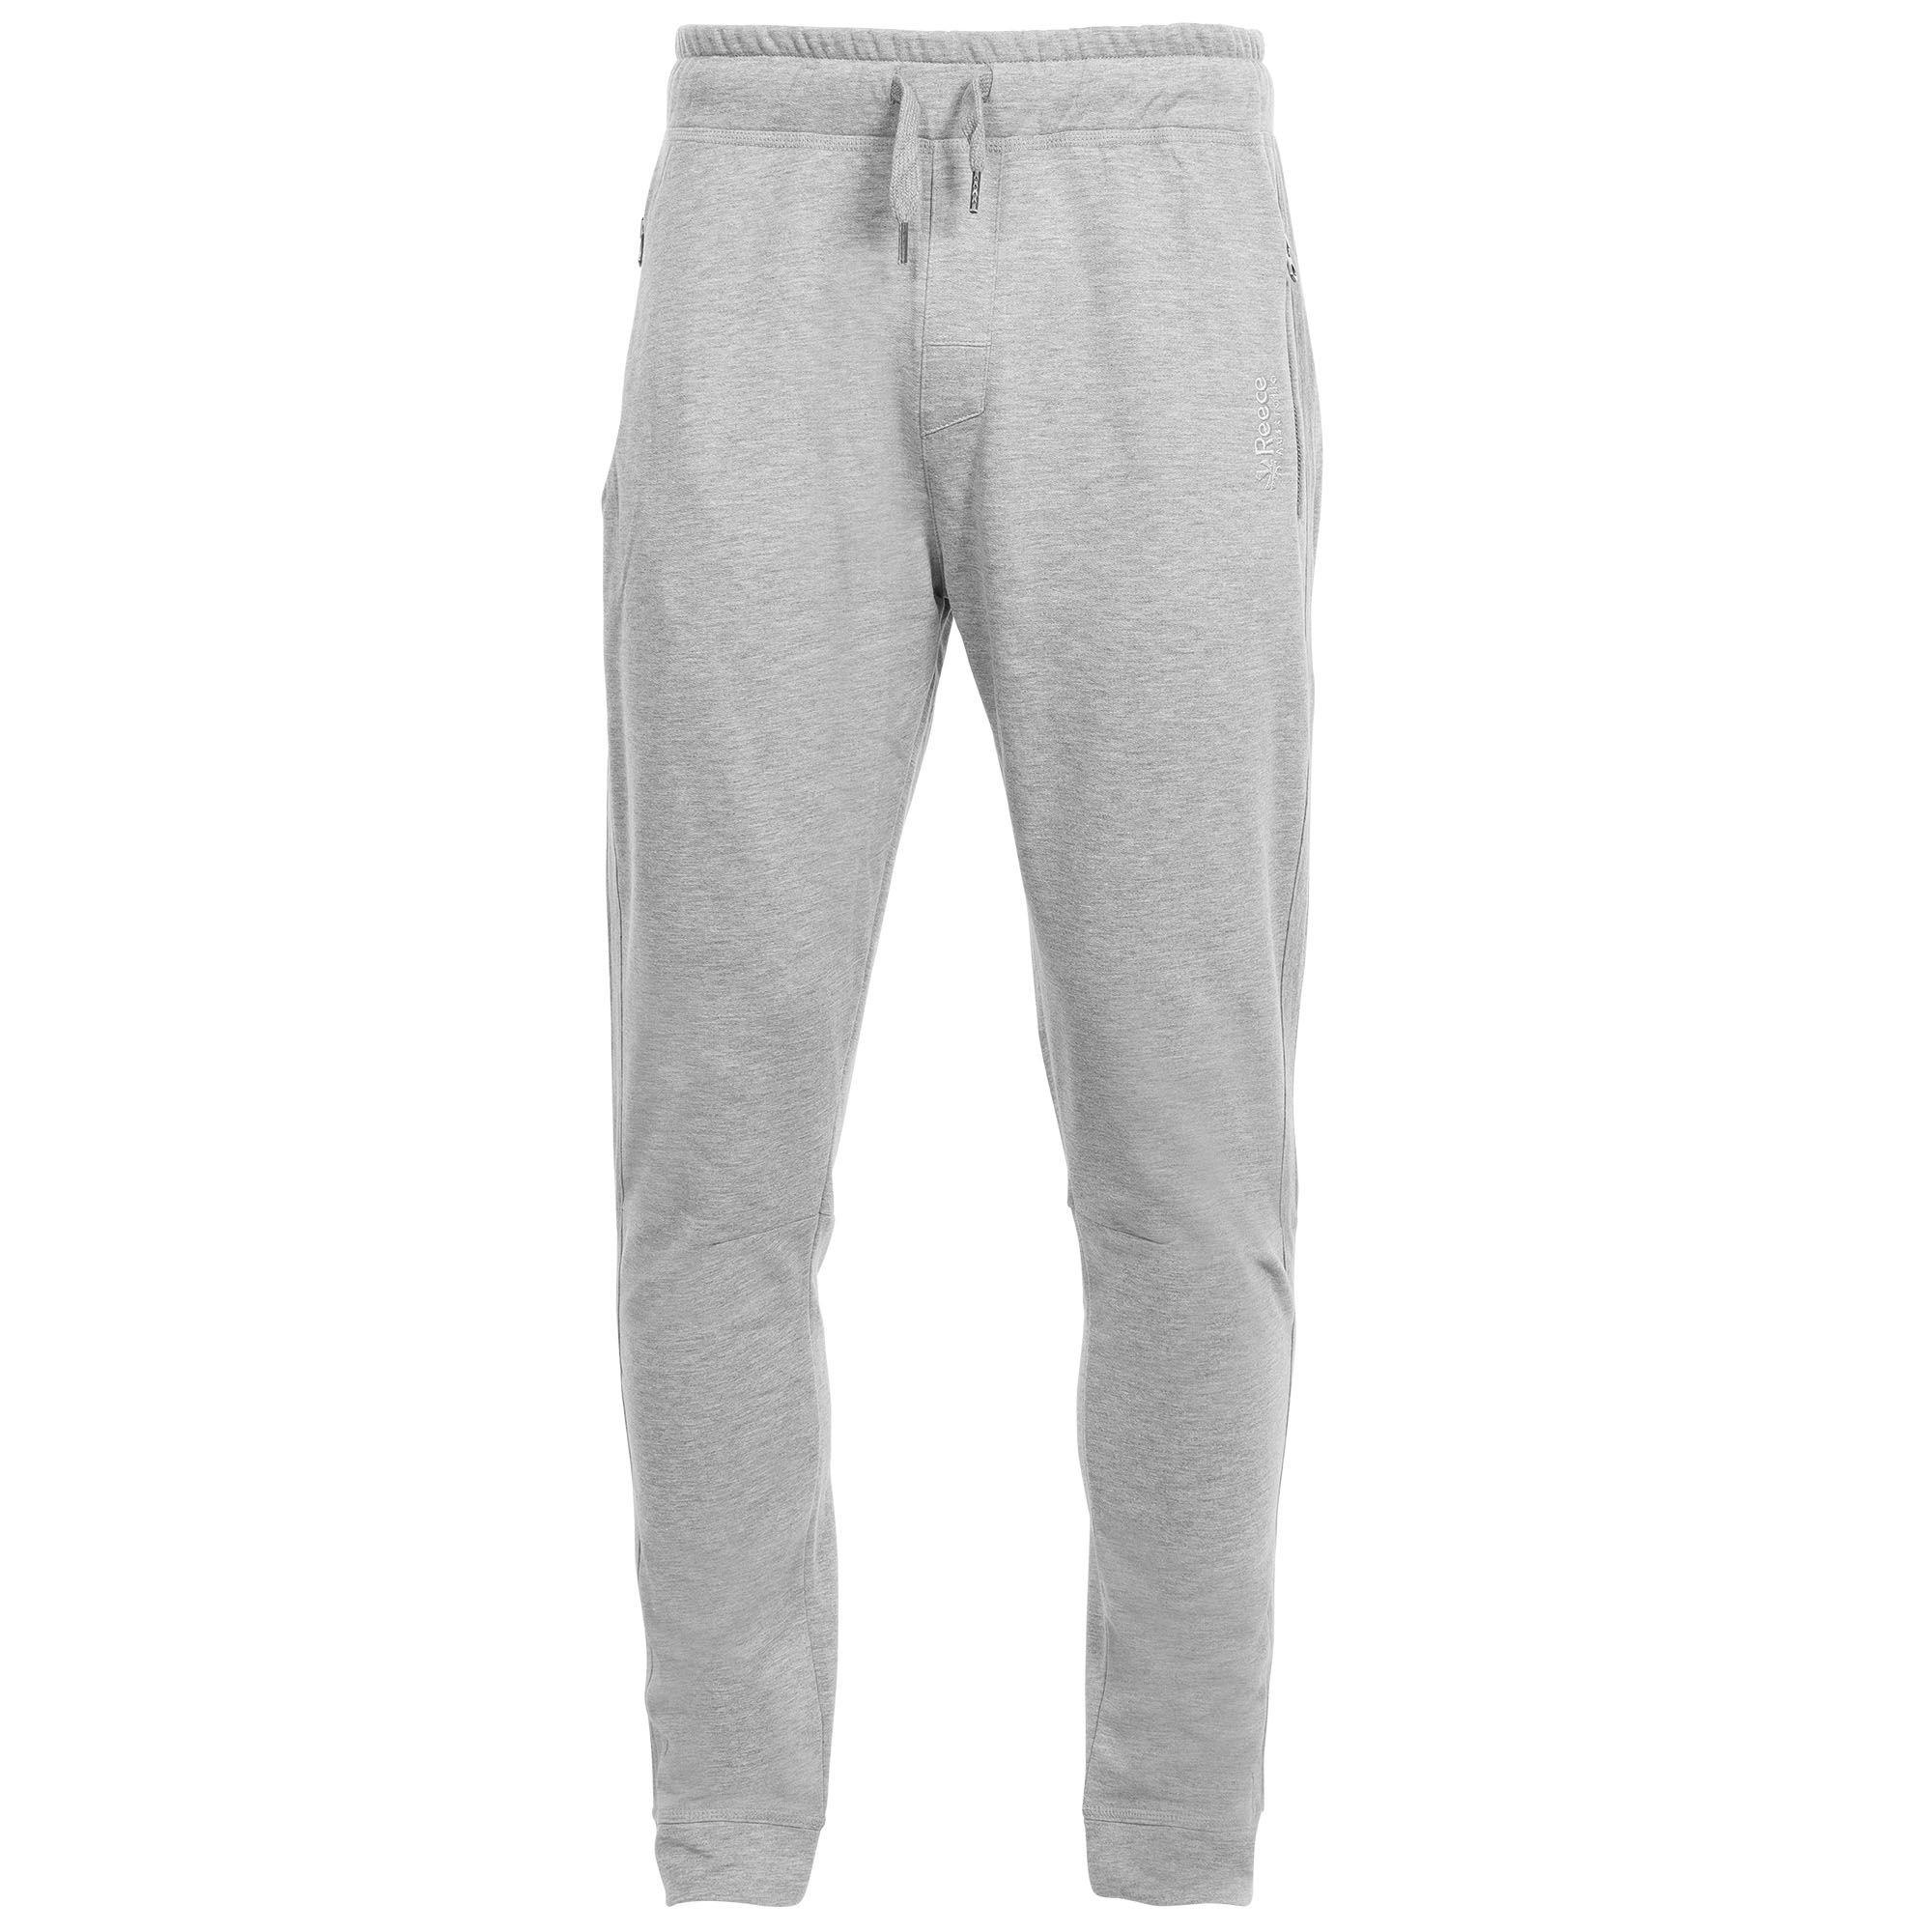 REECE AUSTRALIA GREGORY spodnie dresowe męskie